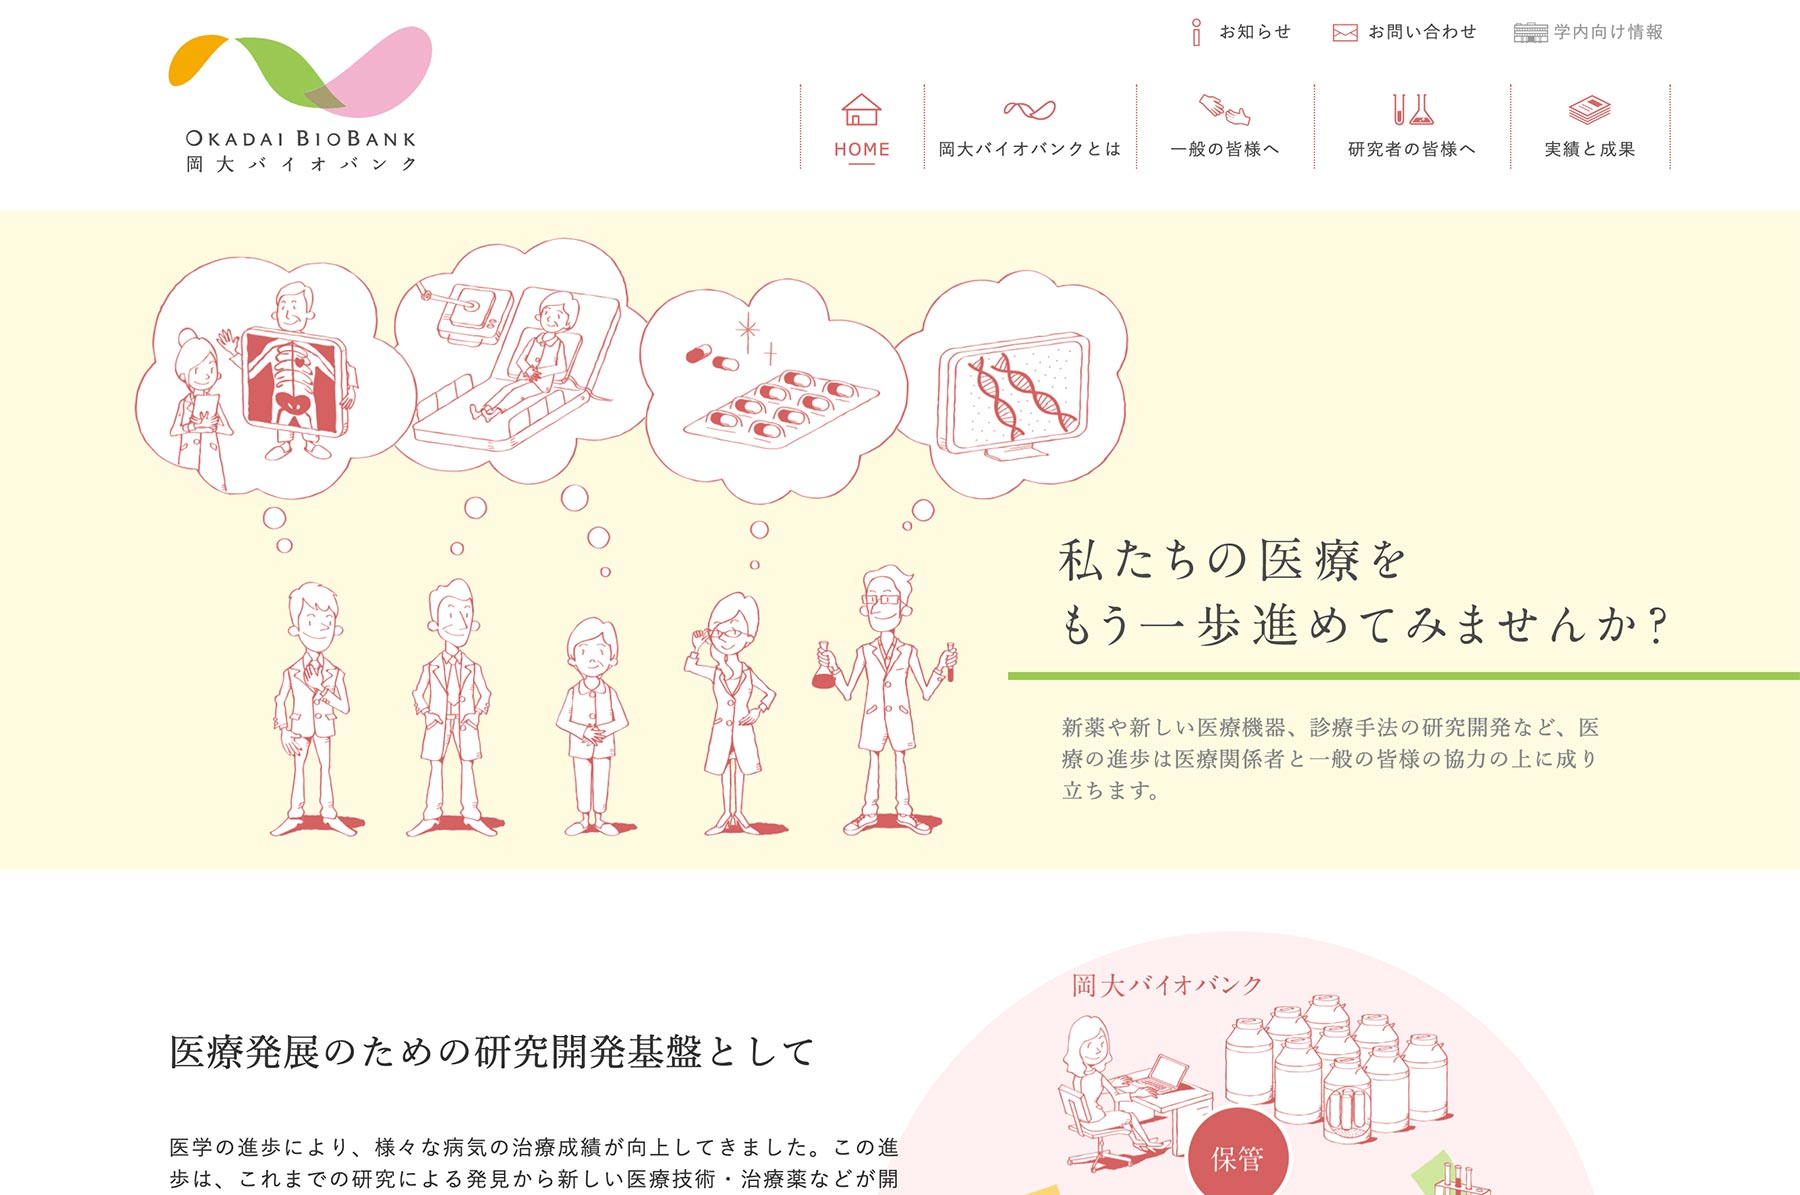 岡大バイオバンク Webデザイン PC